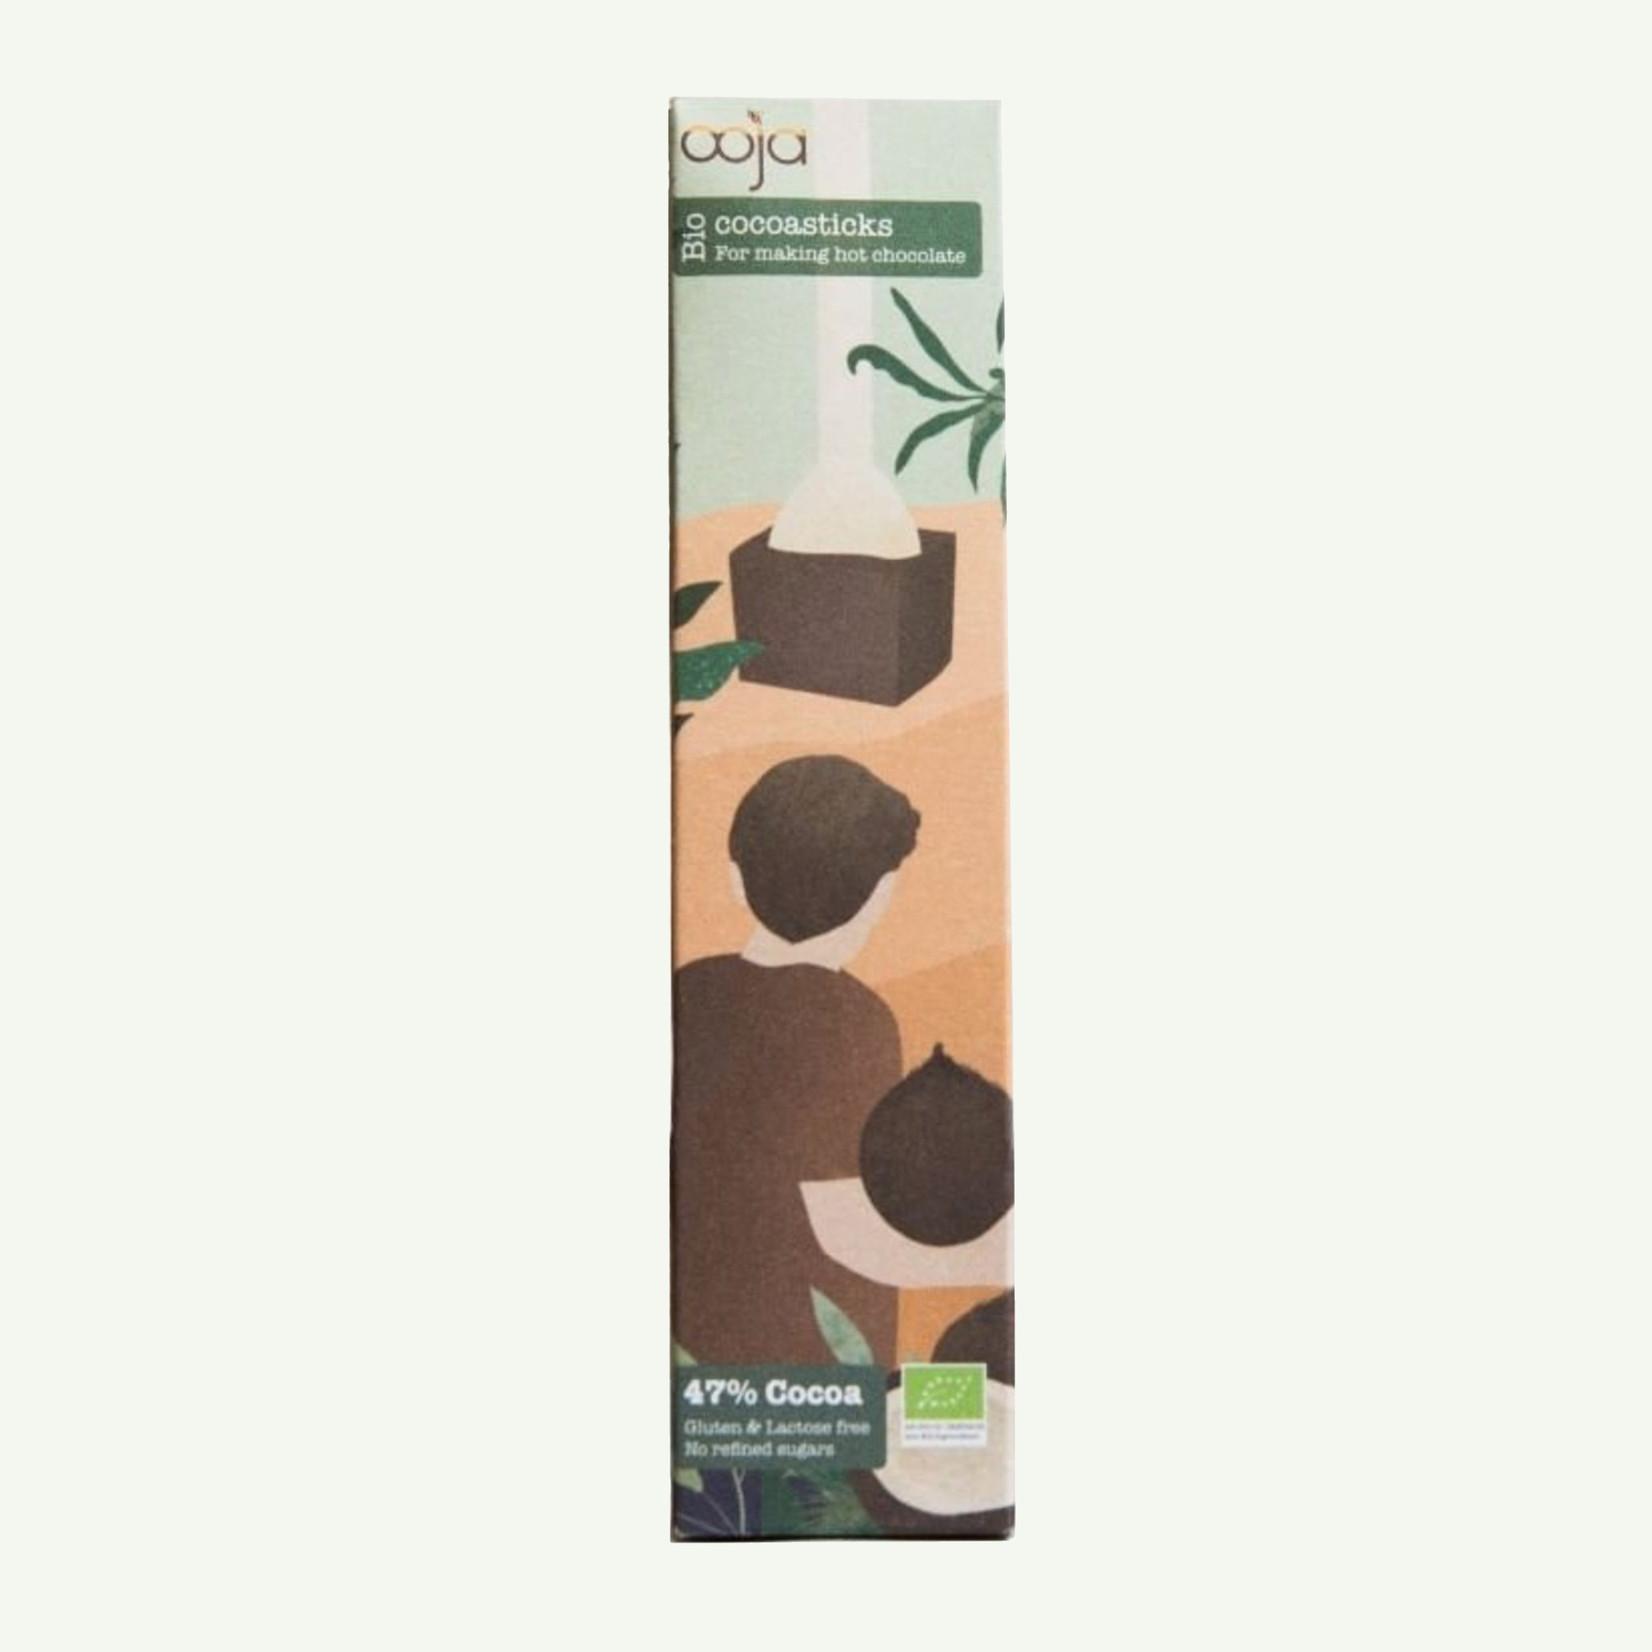 OOjA OOjA 'Belgische Chocostick - Cocolicious Delight (vegan): 47% cacao'